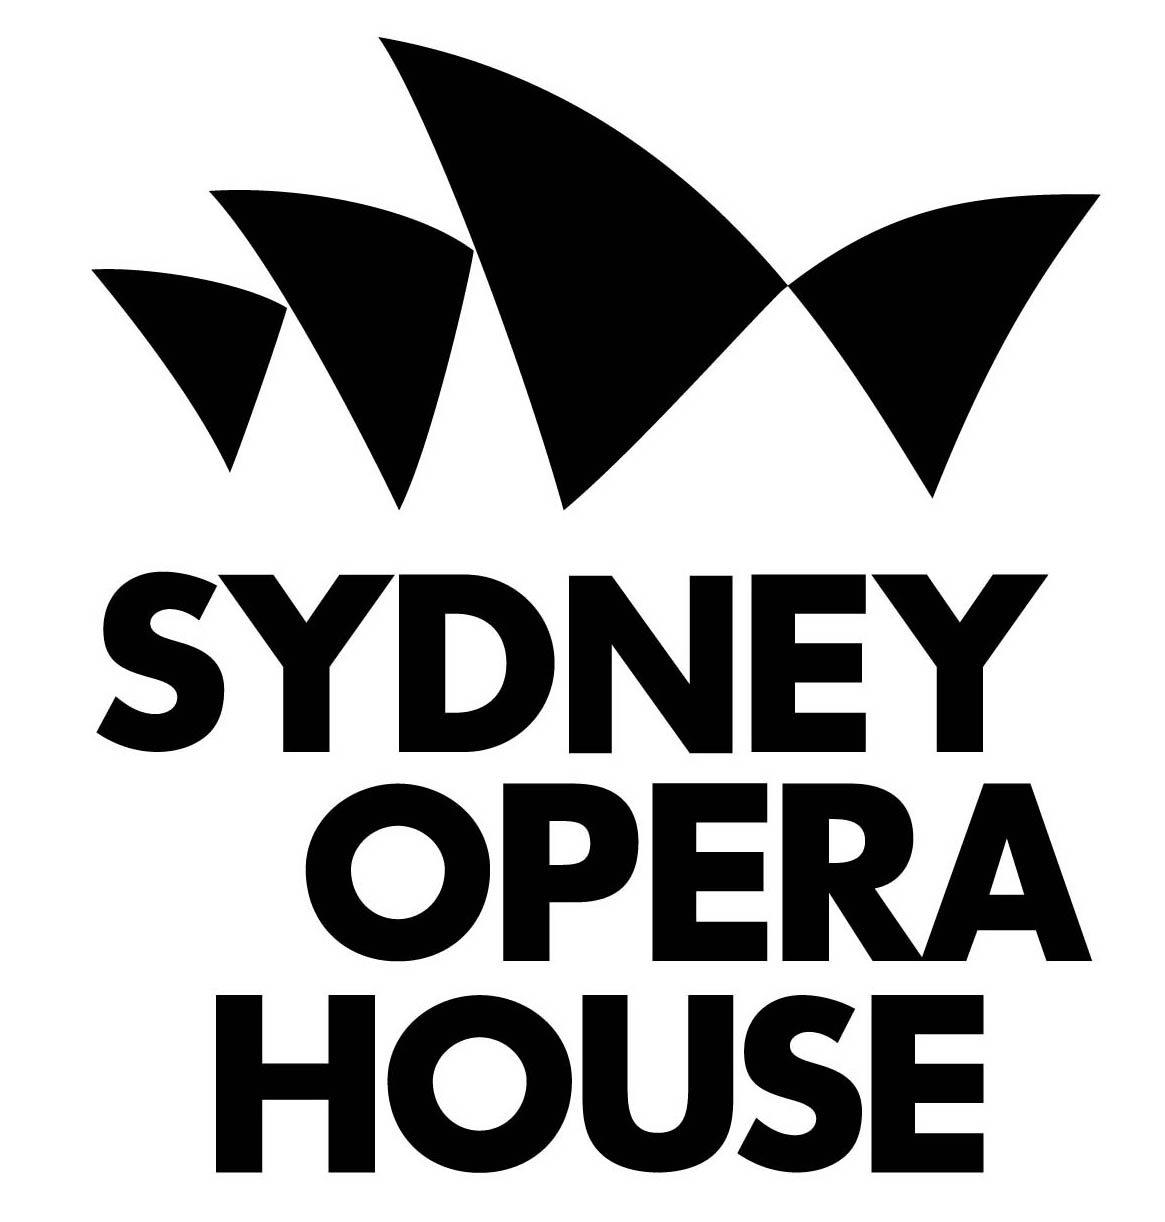 Sydney-Opera-House-Logo.jpg